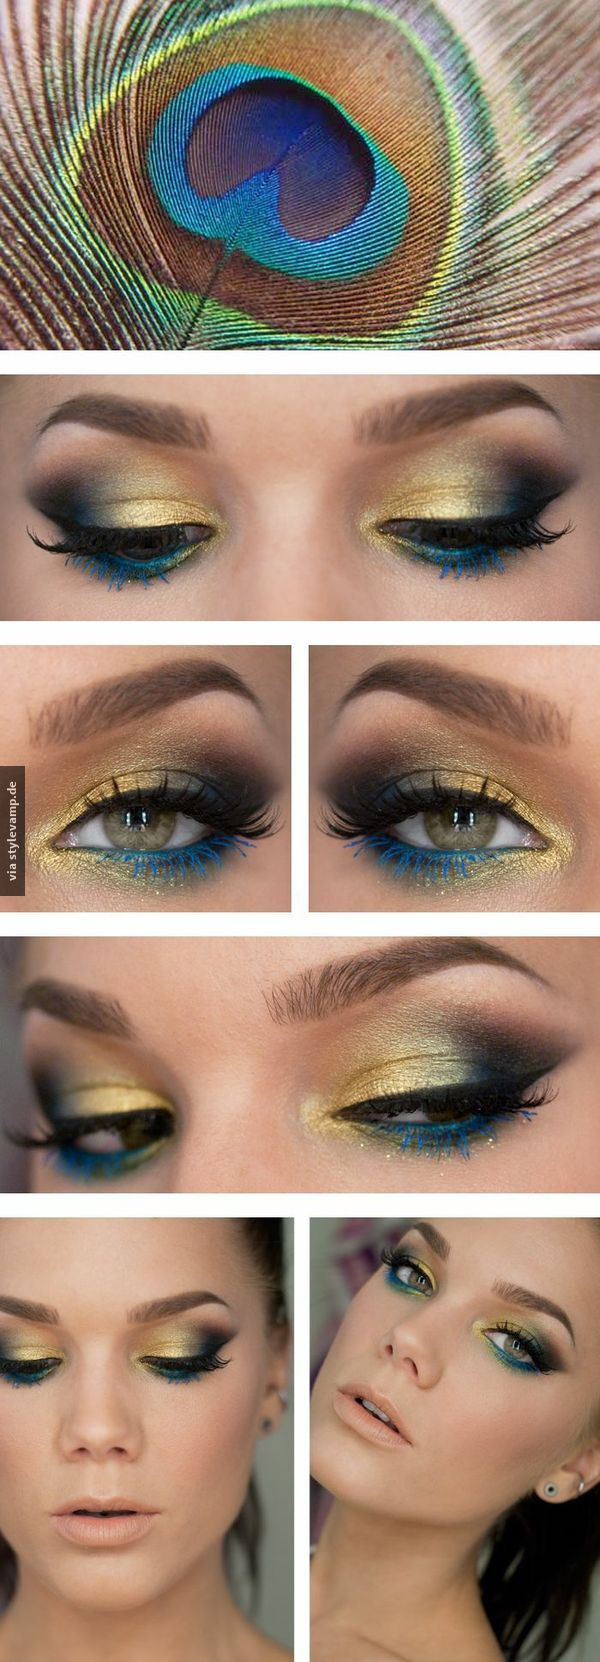 Dieses Make-Up ist wie eine Pfauenfeder! Wunderschön und man findet es nicht so oft! (Halloween Schminke)